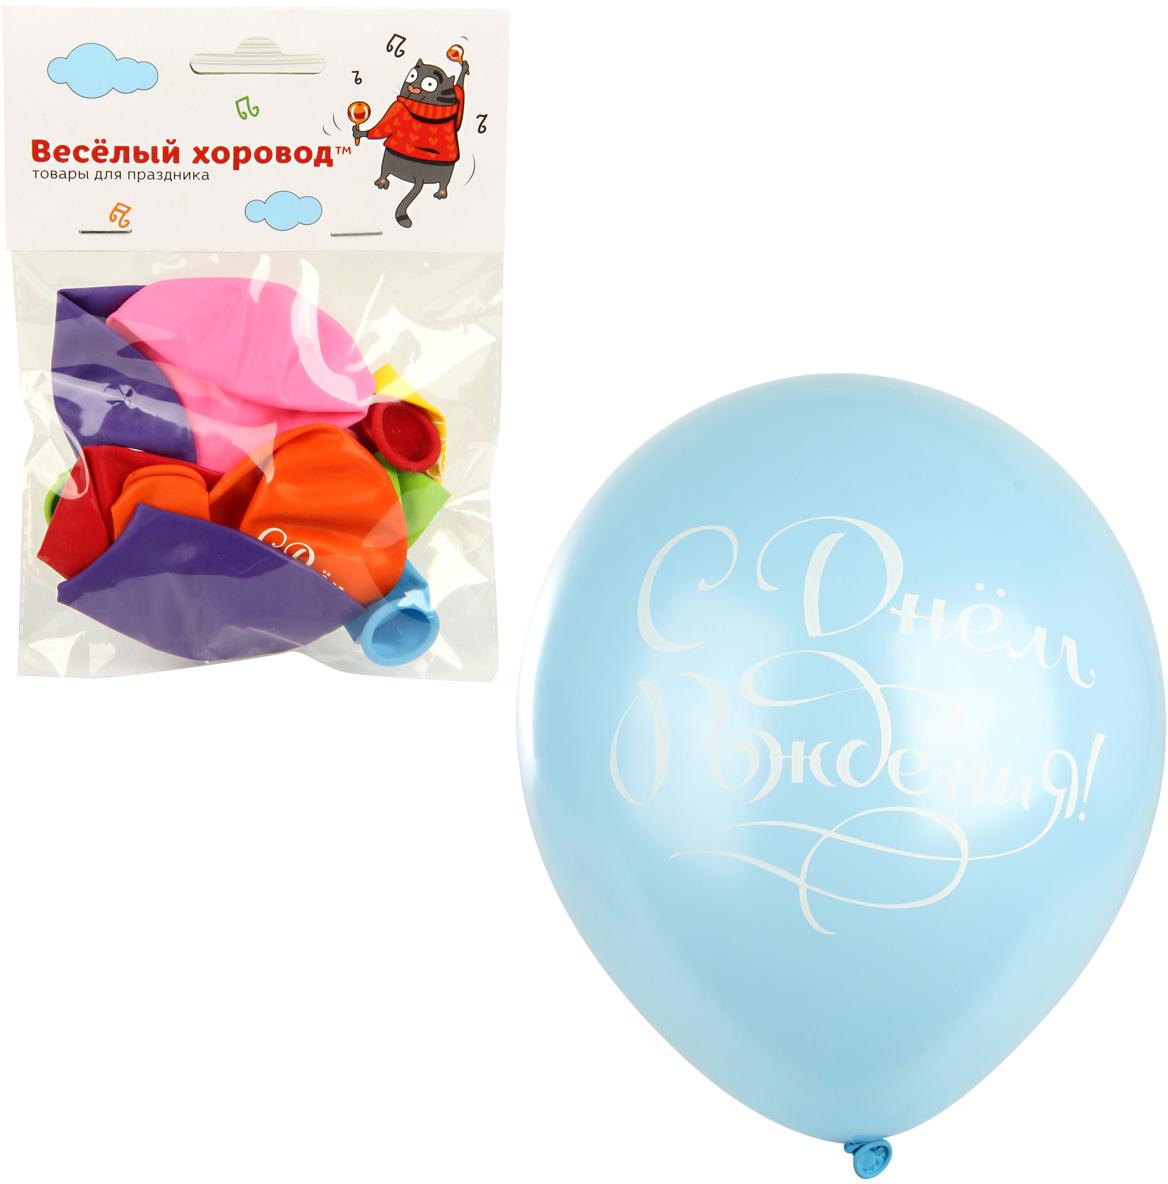 Веселый хоровод Набор воздушных шаров С Днем Рождения 30 см 8 шт Веселый хоровод